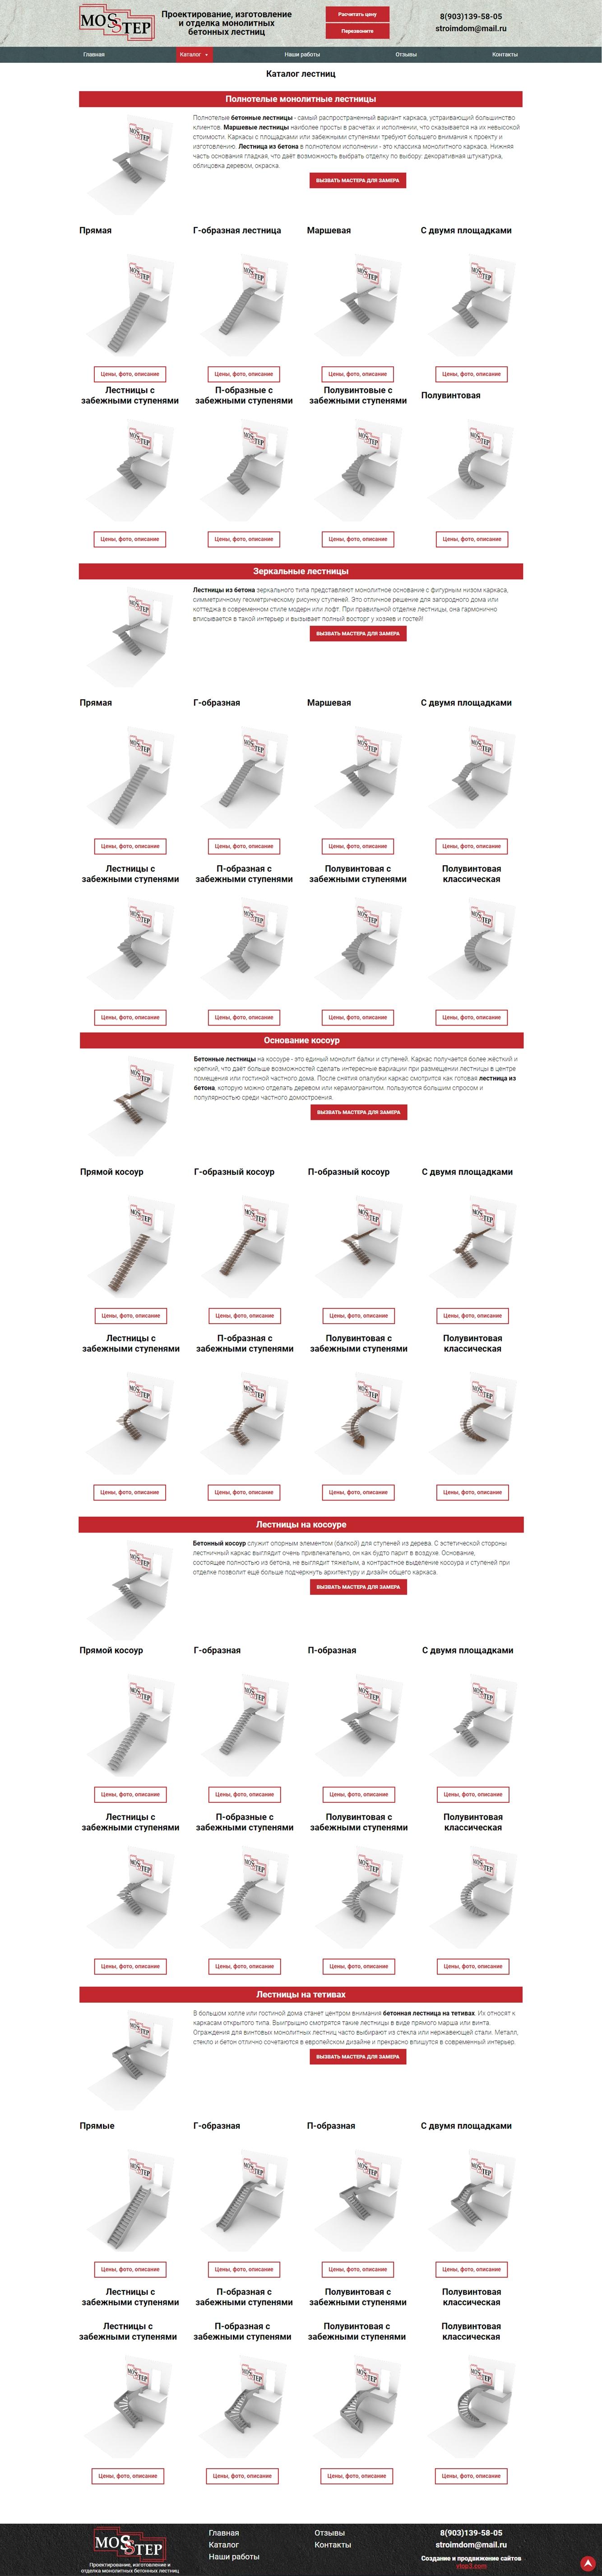 Создание сайта отделка монолитных бетонных лестниц